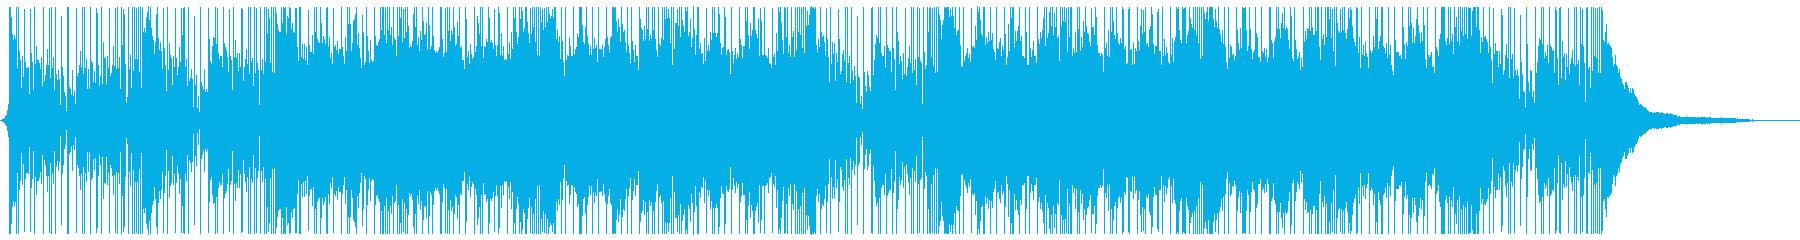 ロックテイストなシネマティクアンビエントの再生済みの波形